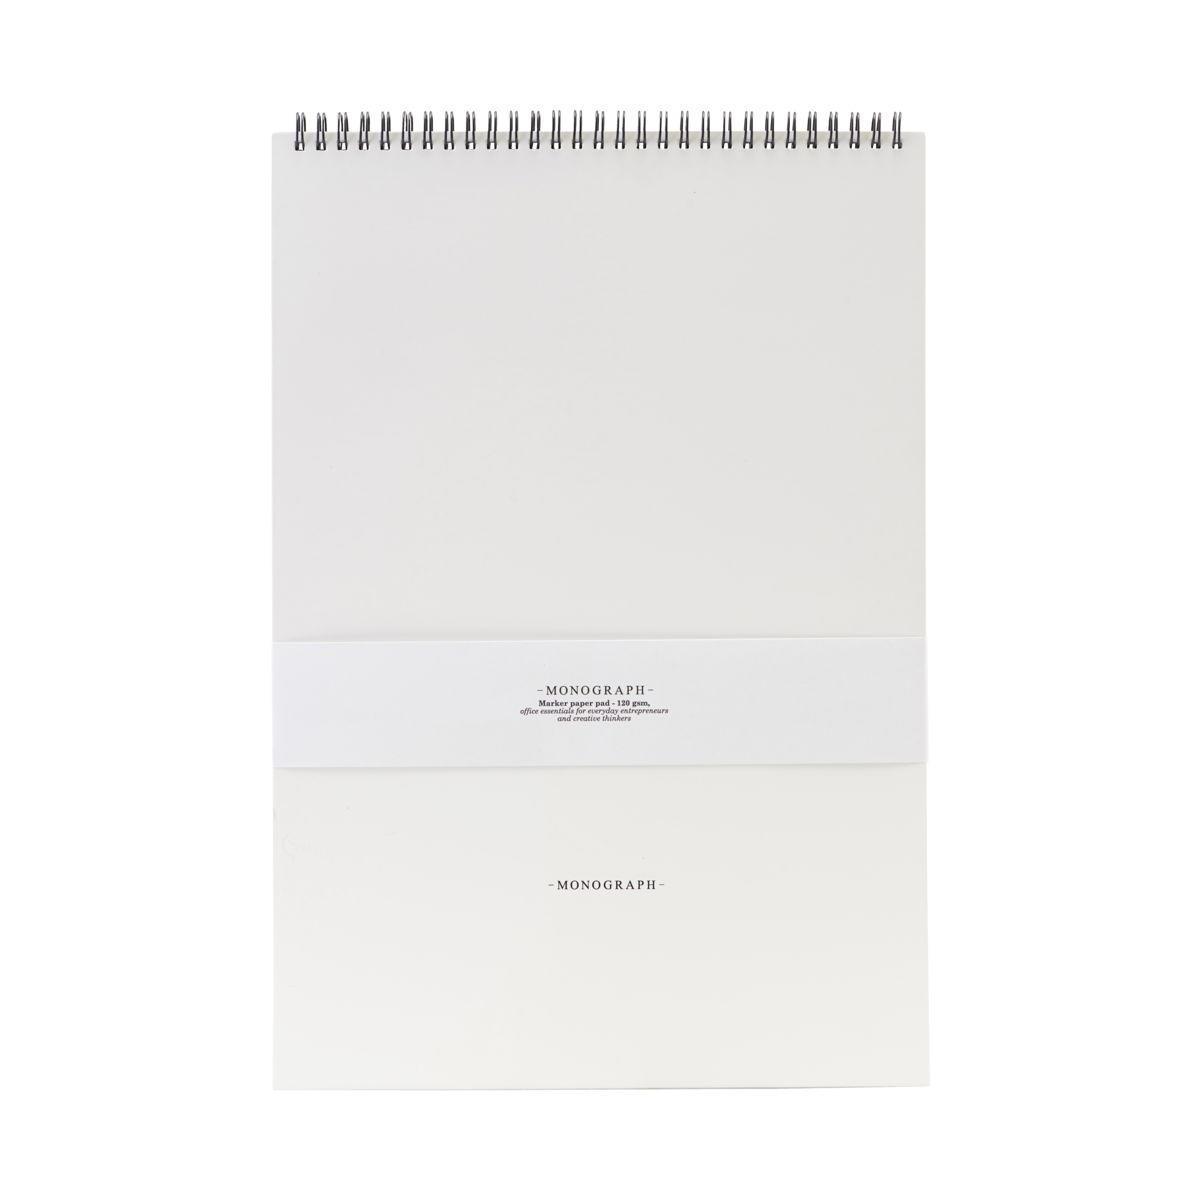 MONOGRAPH Kroužkový blok pro fixy a popisovače Marker - 16 archů, bílá barva, papír